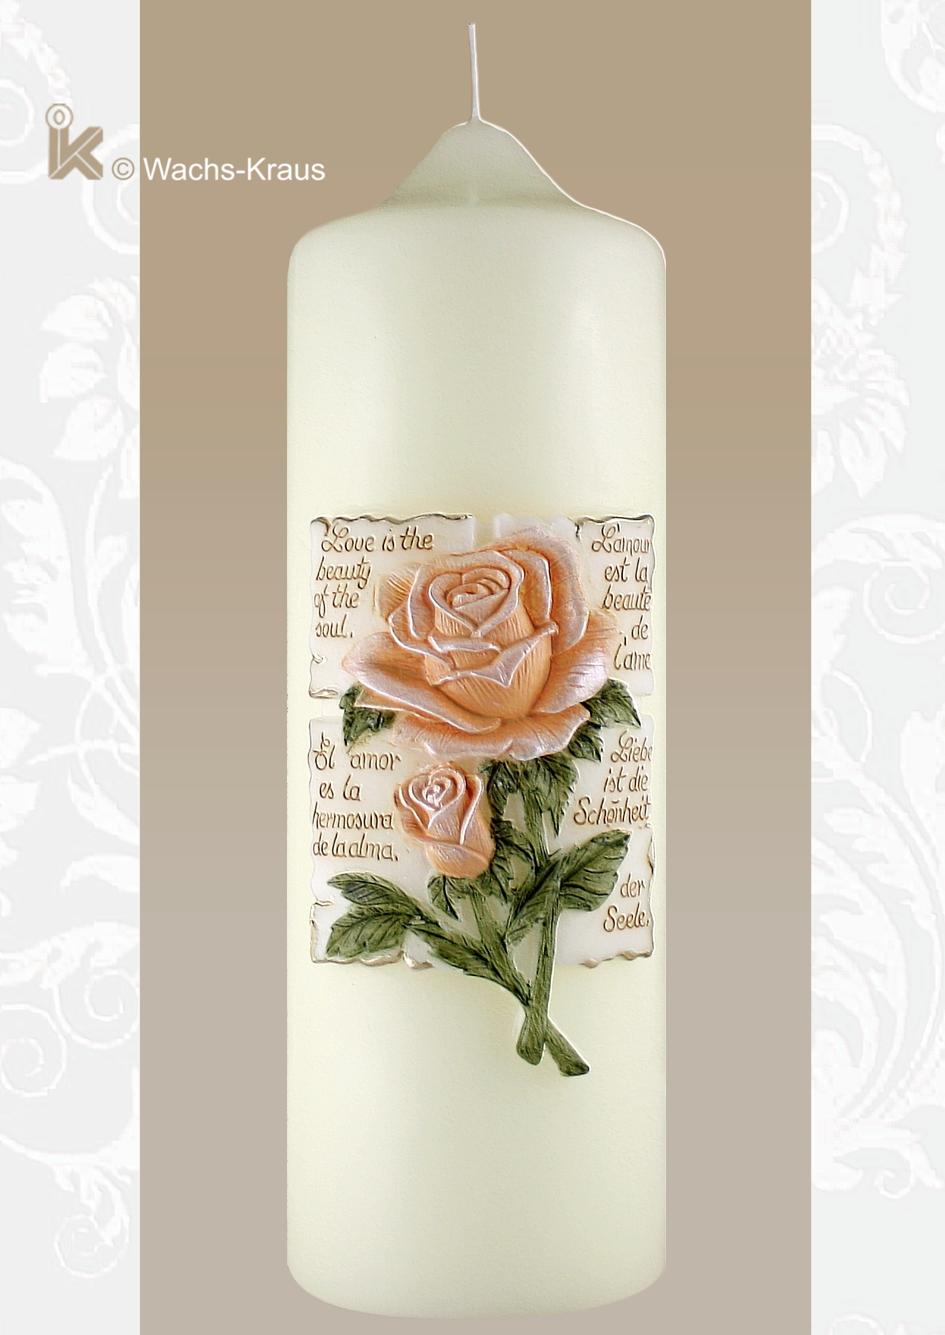 Hochzeitskerze mit einem, aus Wachs gegossenen Relief. Darauf eine plastisch modellierte Rose in apricot mit grünem Laub.